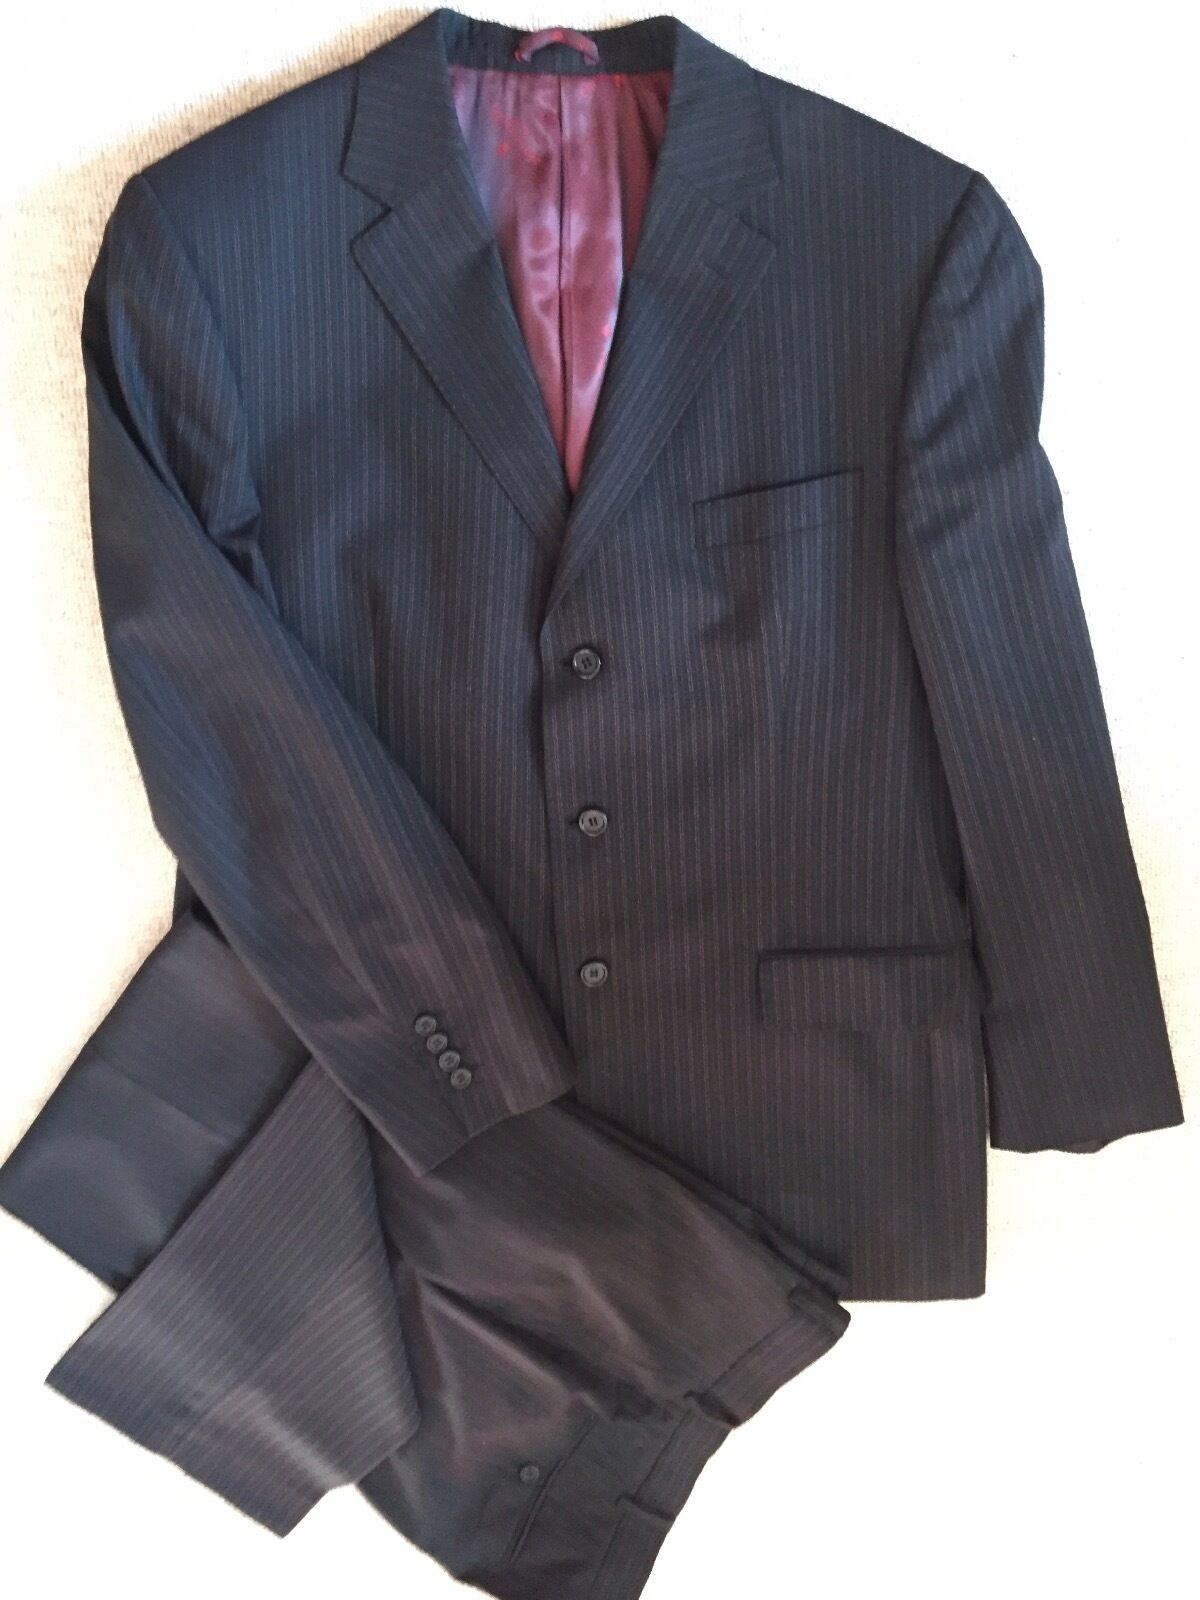 Pierre Cardin eleganter Herren Anzug Gr 50 dunkelgrau mit grau + roten Streifen